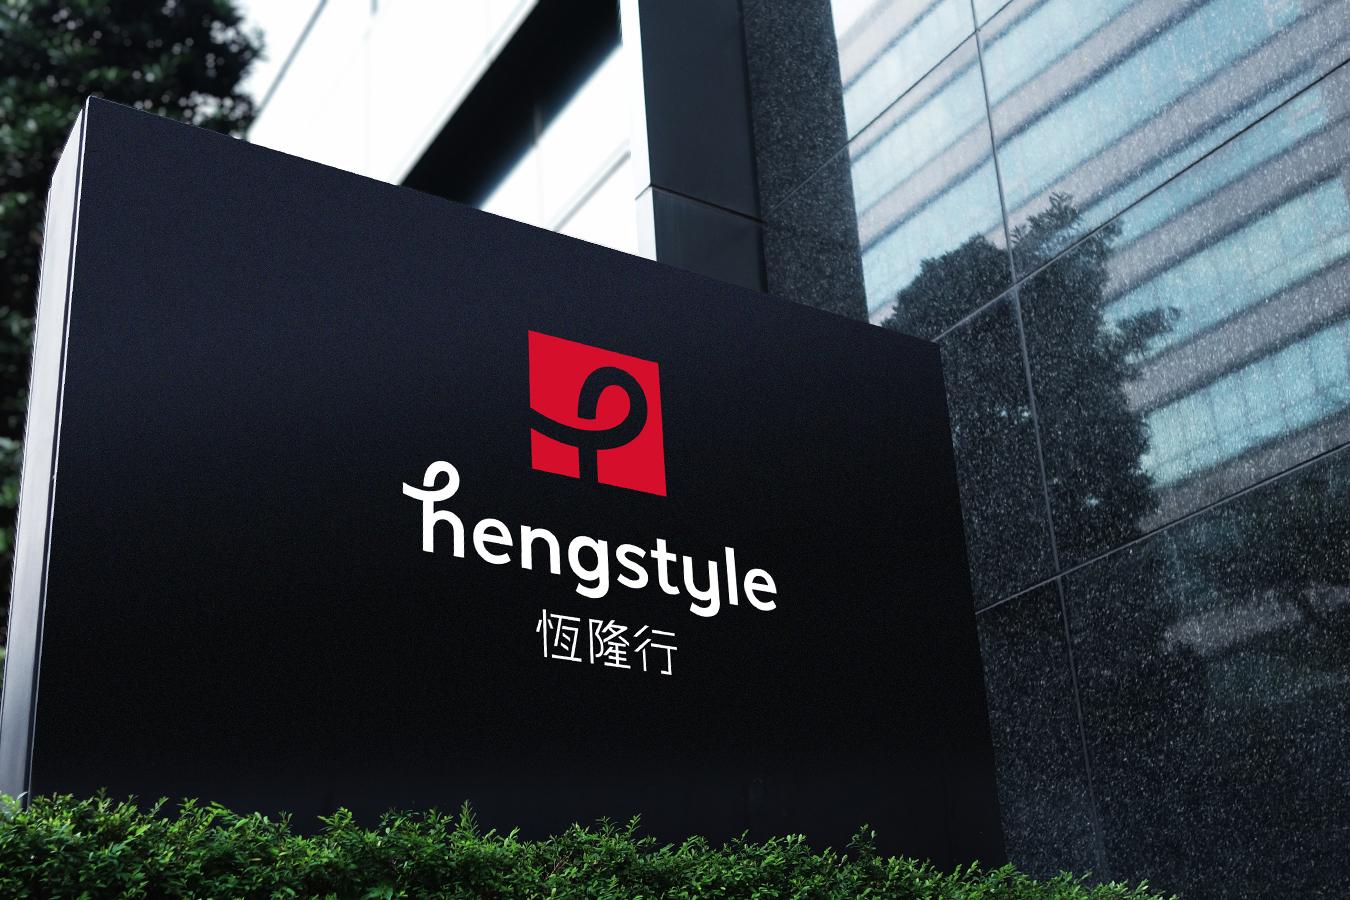 恆隆行hengstyle 企業/品牌形象整體CI/BI規劃設計